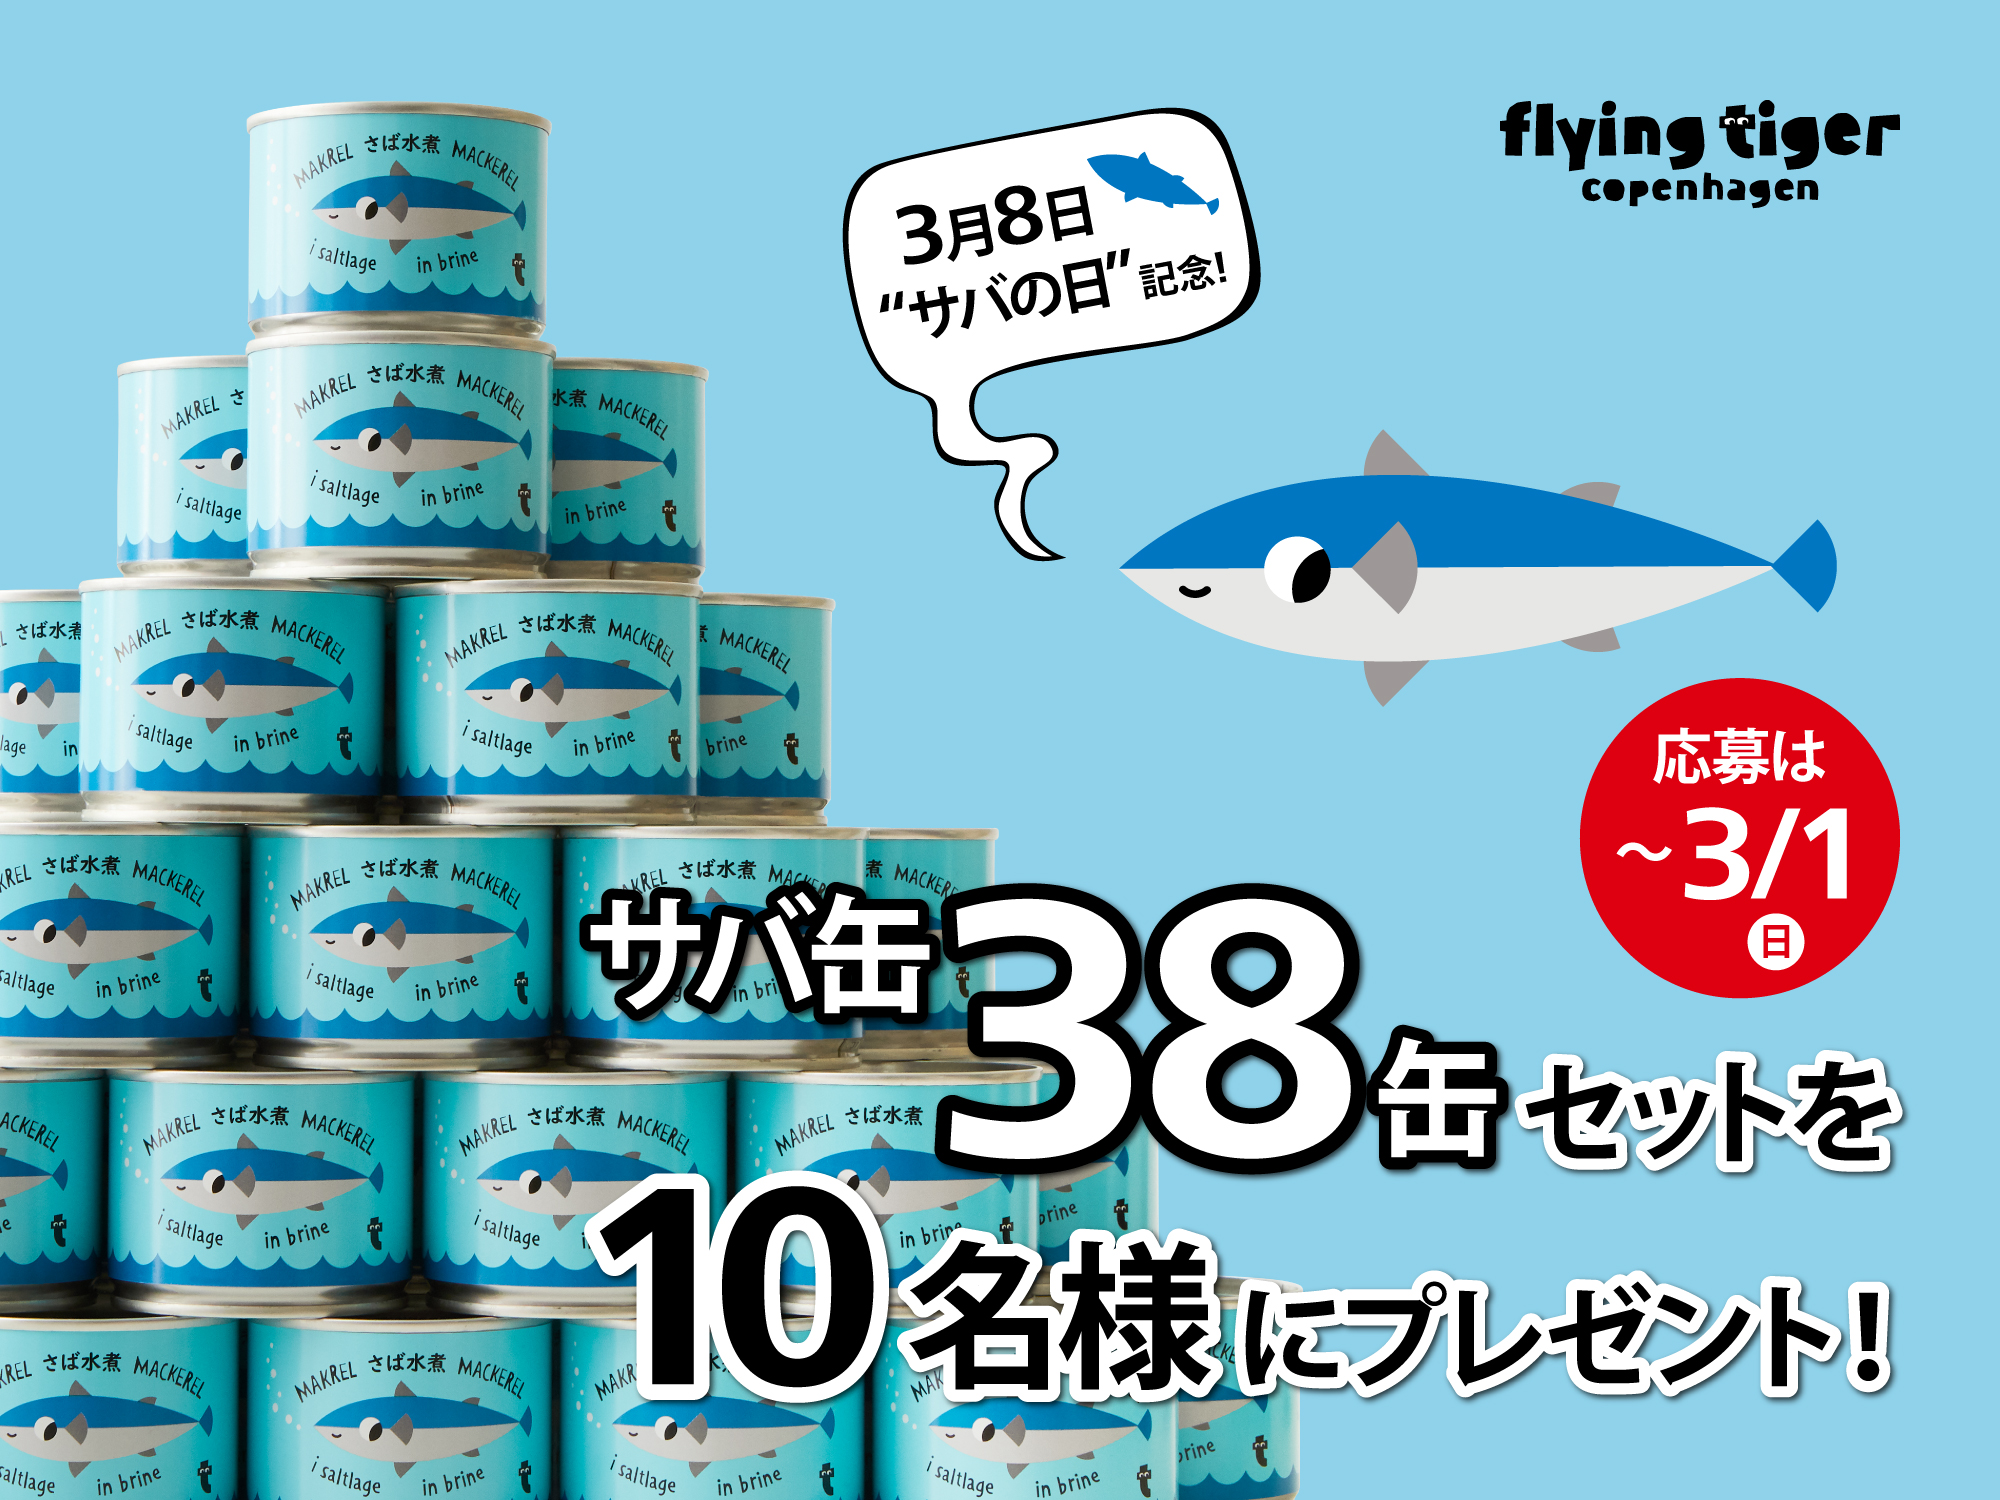 サバ缶38缶プレゼント!